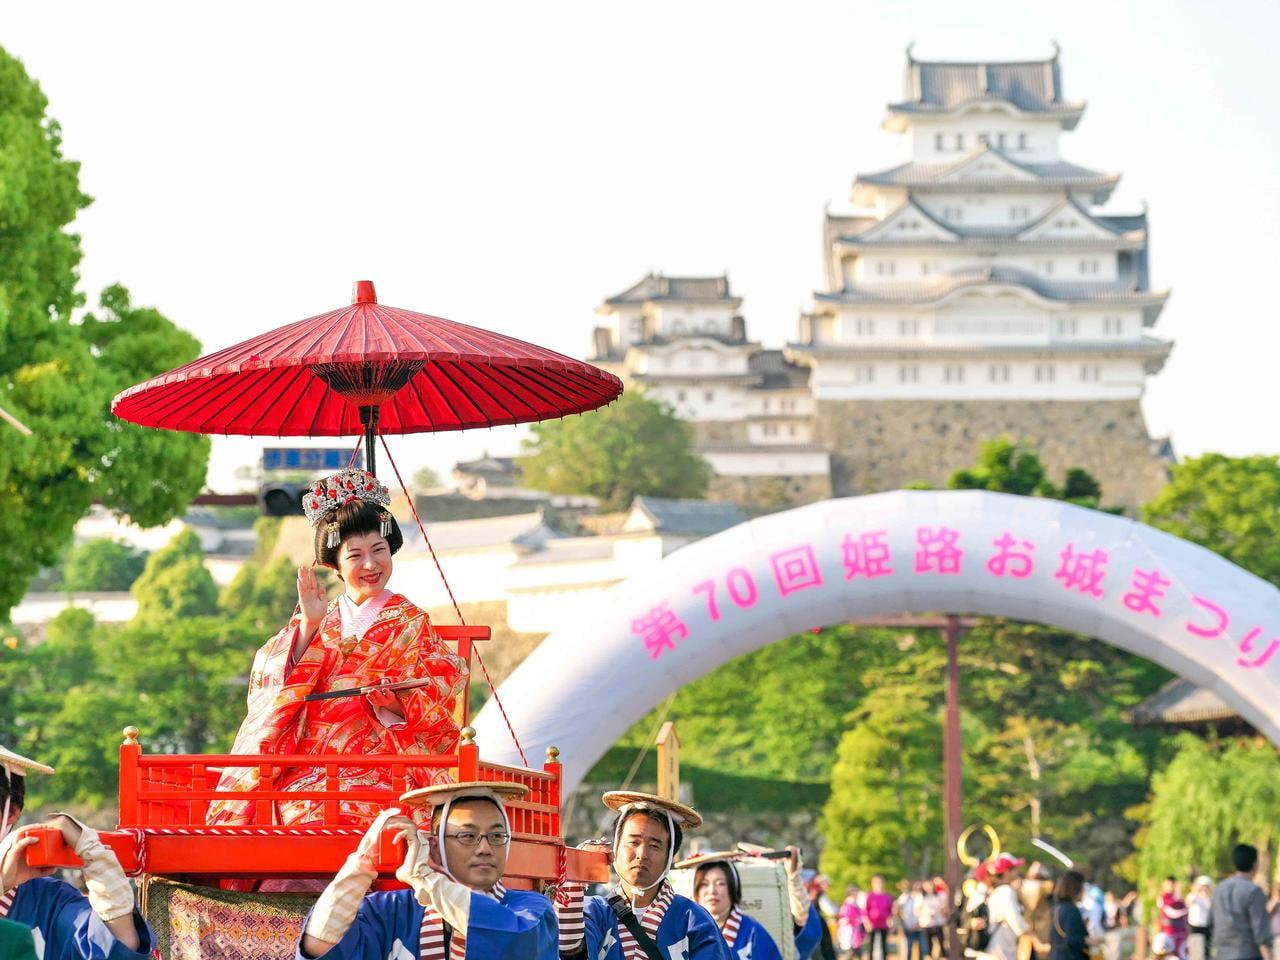 【2021年11月6, 7日】第71回姫路お城まつりが開催!よさこい祭りや大名行列もあり